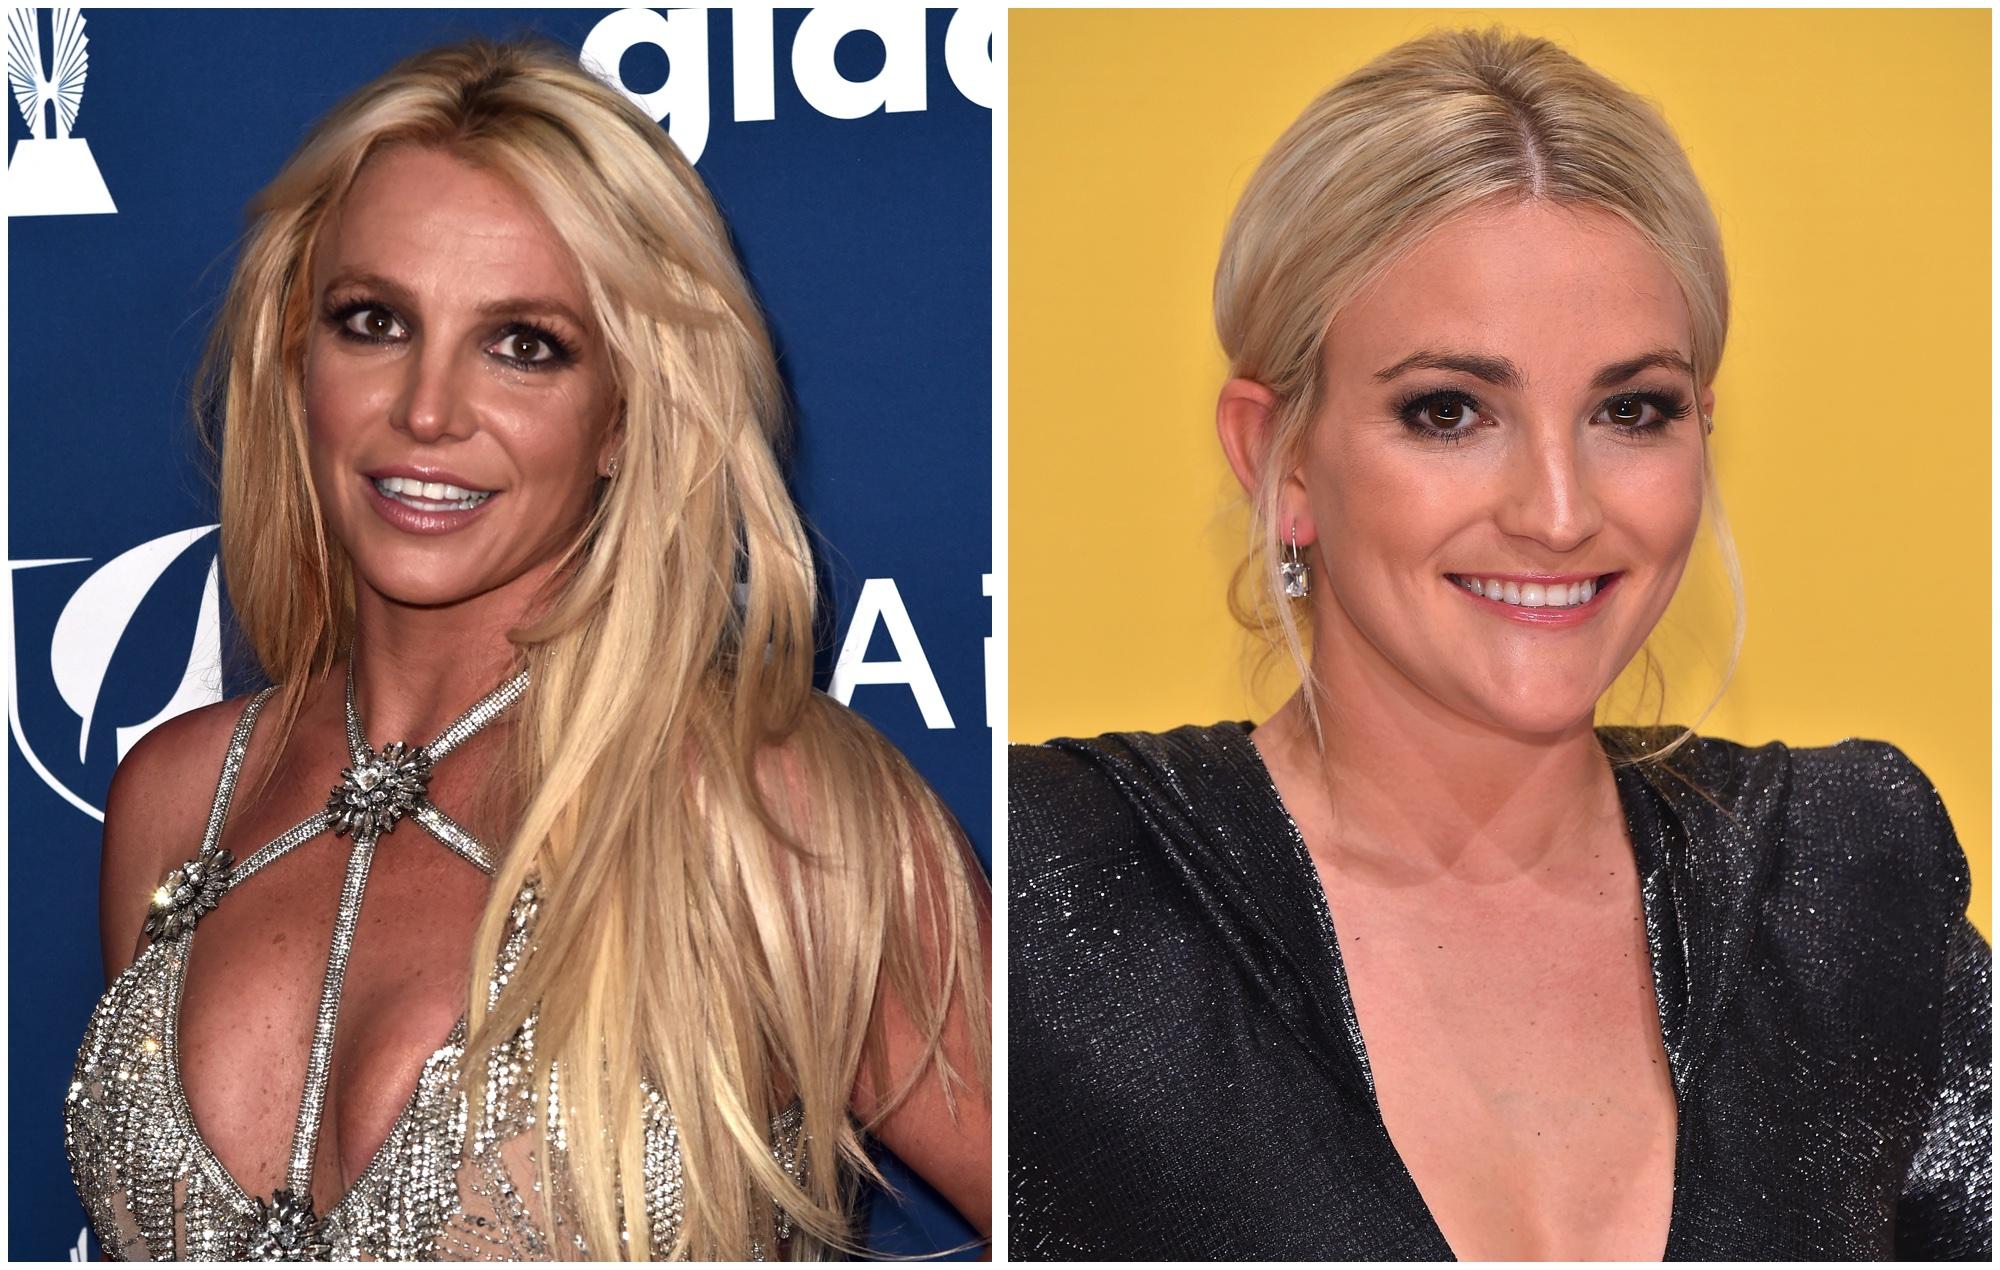 Jamie Lynn Spears Finally Breaks Her Silence On Her Sister Britney Spears' Conservatorship Battle